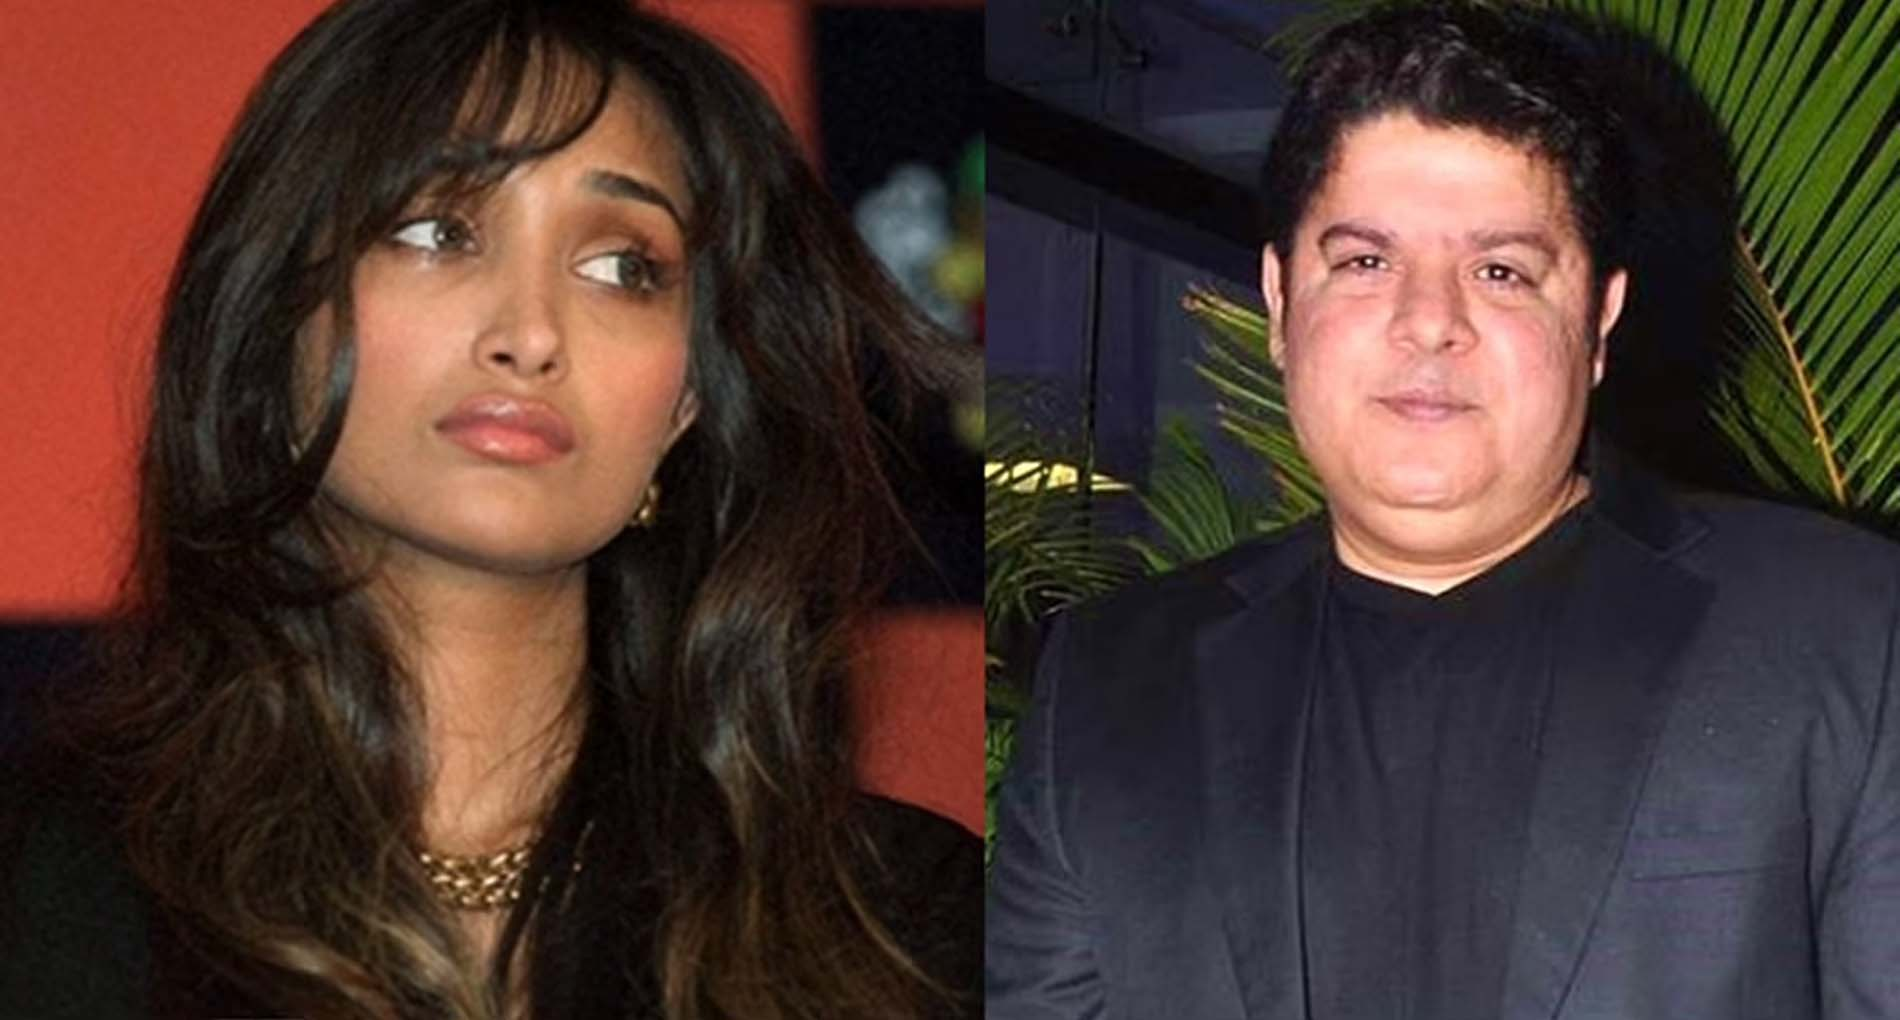 जिया खान की बहन ने टीवी शो में किया खुलासा, कहा- साजिद खान ने कहा था टॉप उतारो…